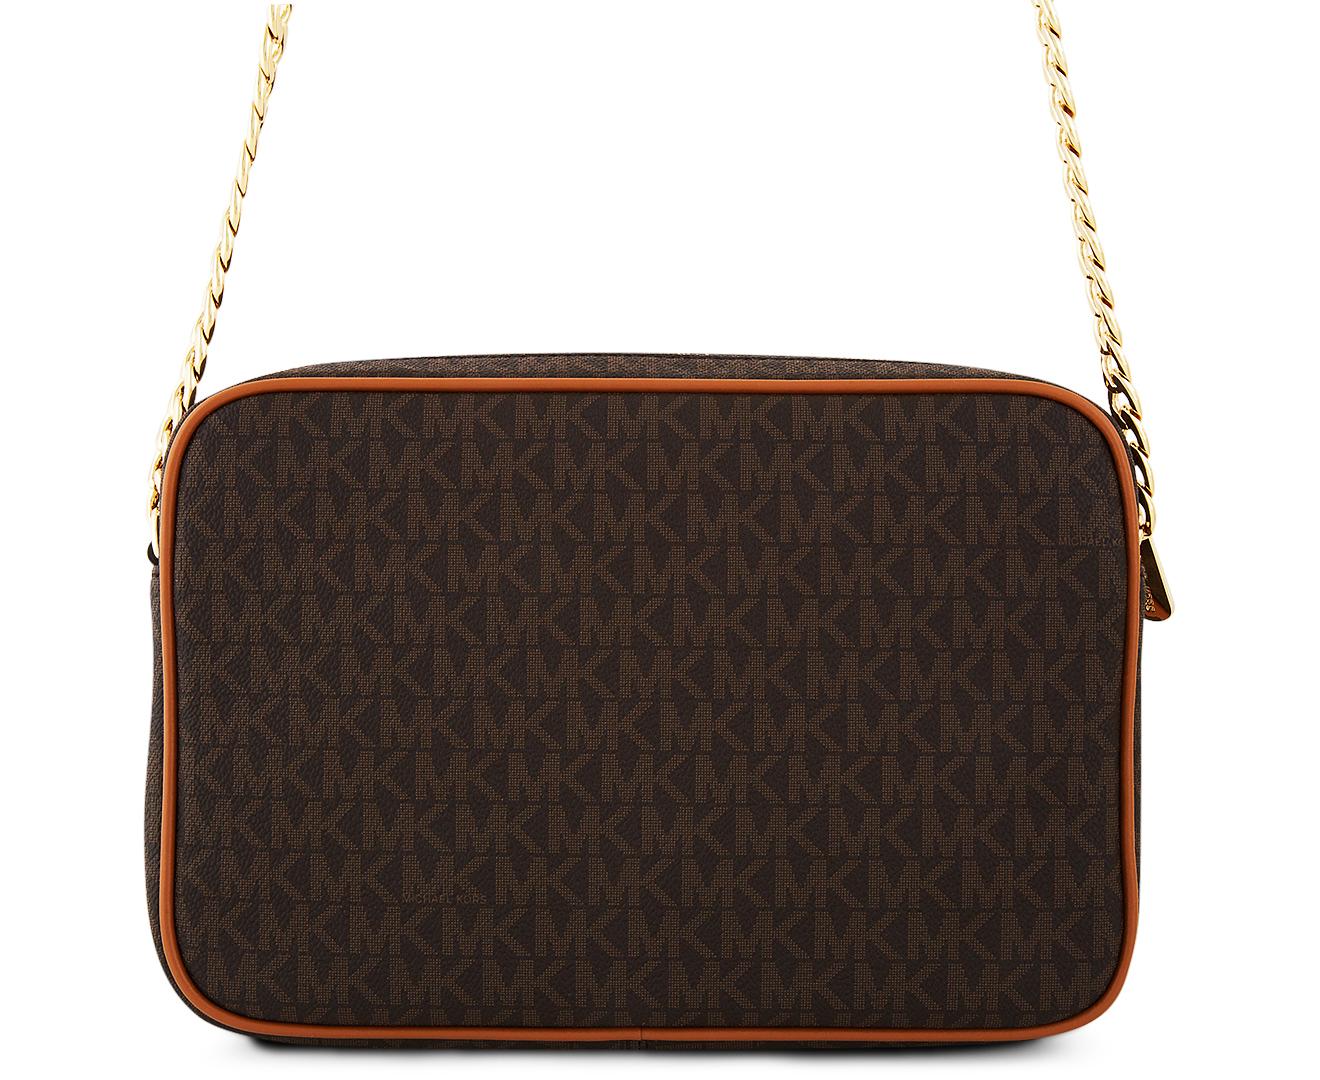 b6c8d6159cff ... Medium Tote Vanilla Shoulder Bag 30T3GT Catch.com.au Michael Kors Jet  Set Item Large EW Crossbody Bag - Brown ...